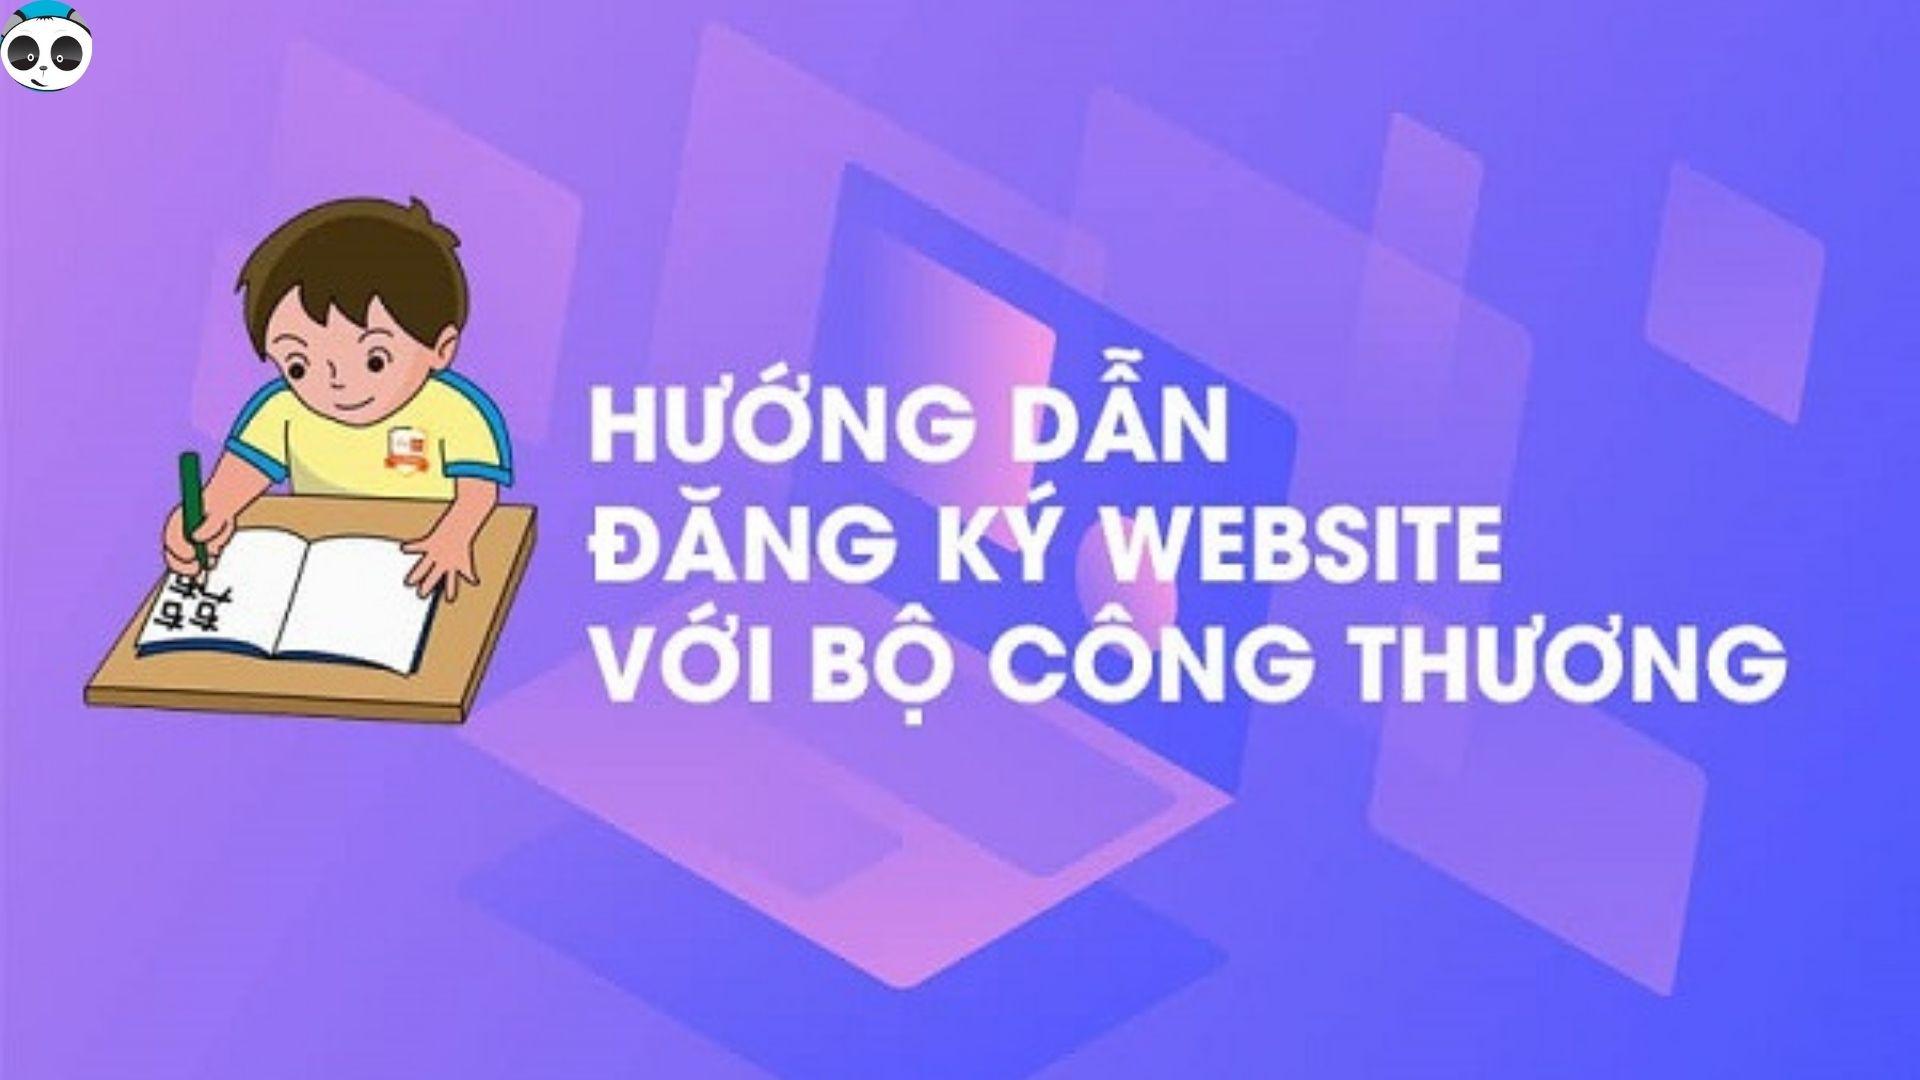 thông báo website với bộ công thương